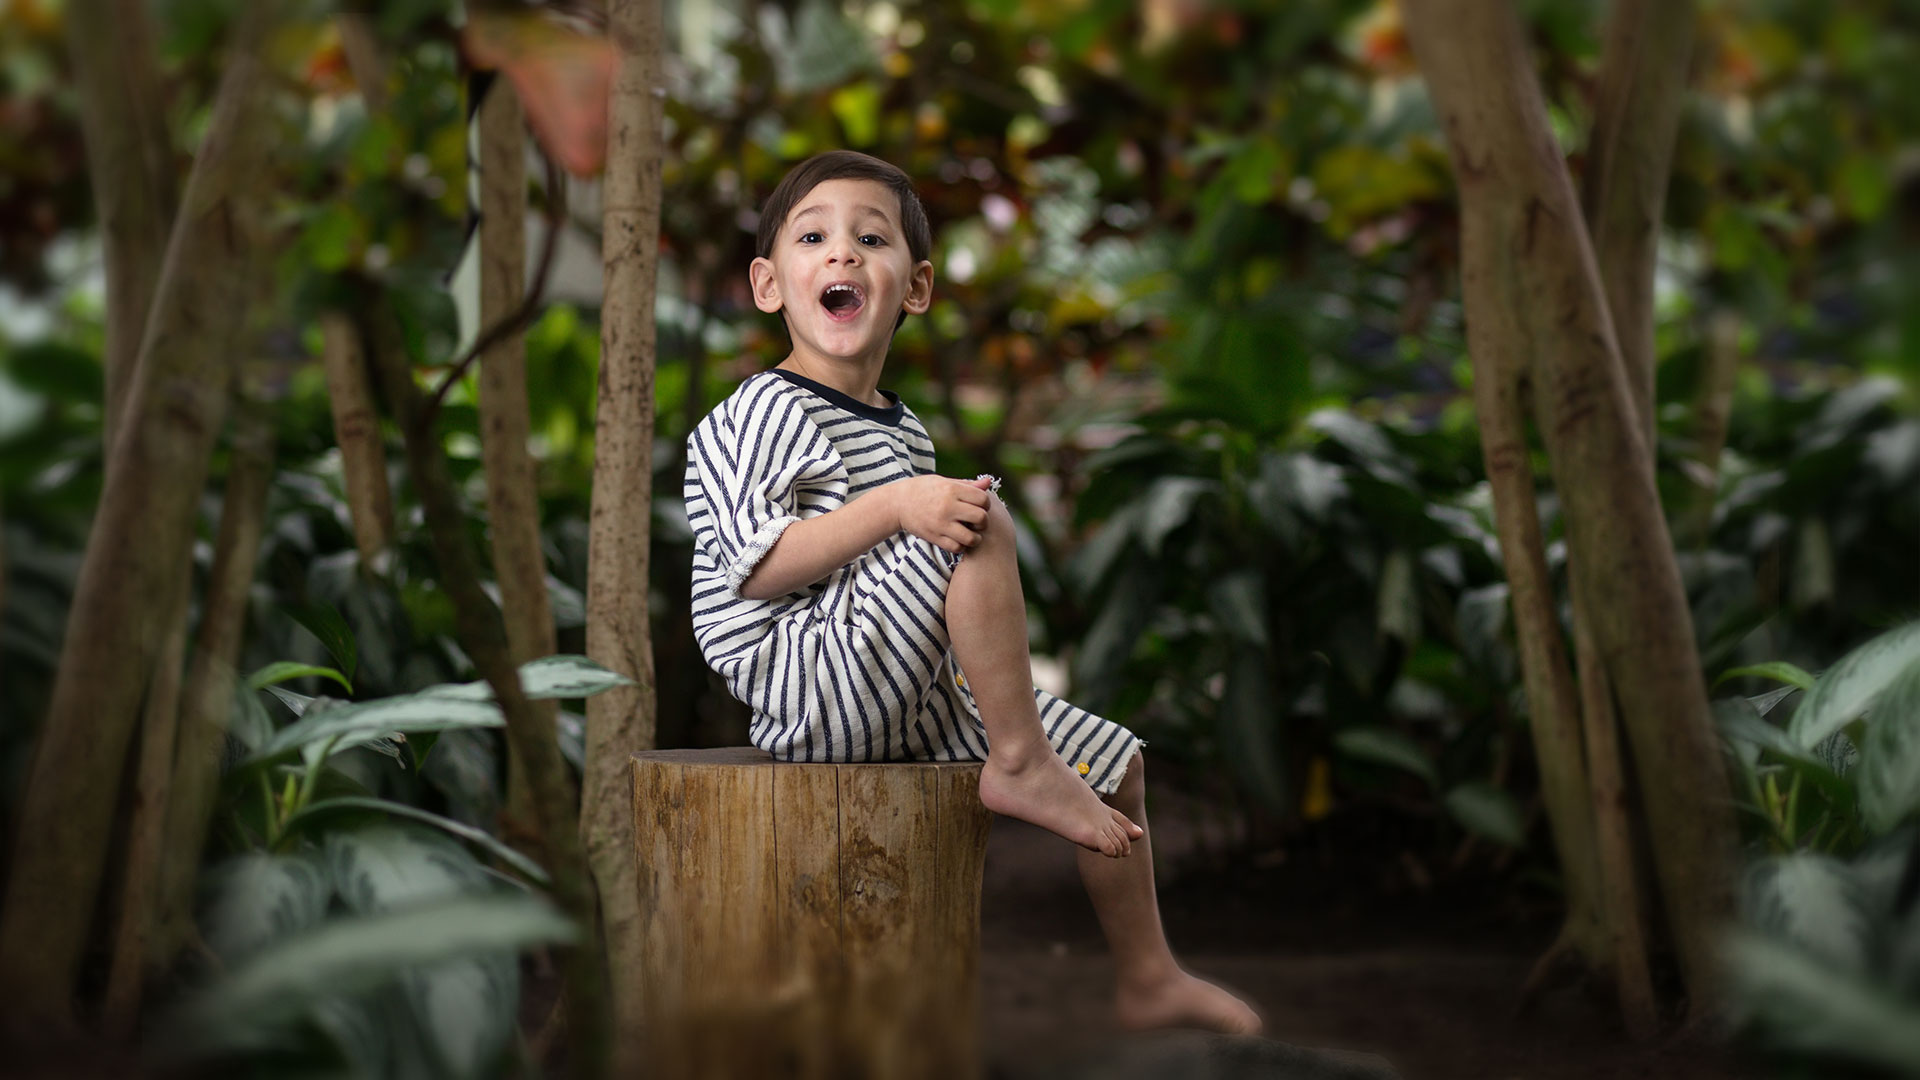 piaf&ponti festliche kindermode - shirts für mädchen